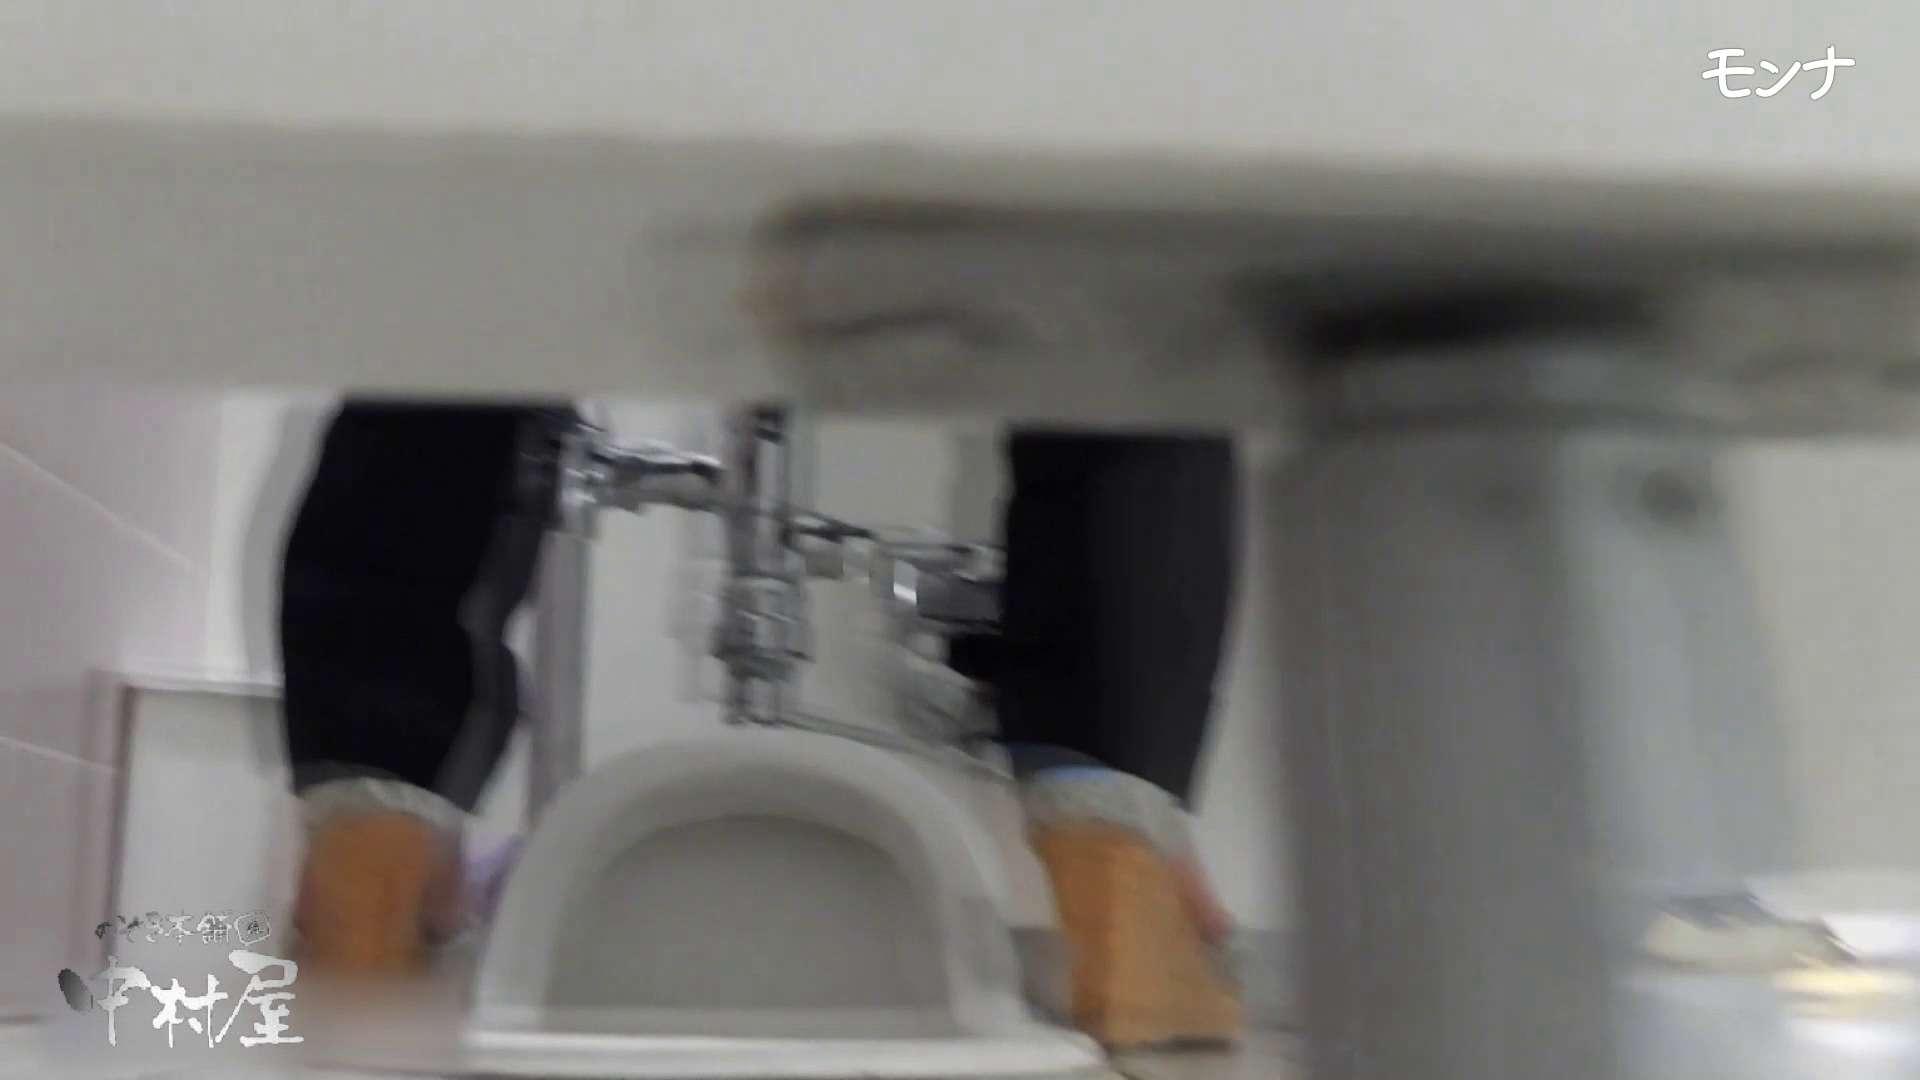 【美しい日本の未来】美しい日本の未来 No.69 ひやっと!終始15cmのしらすを垂らしながら・・・ OLハメ撮り  105Pix 105